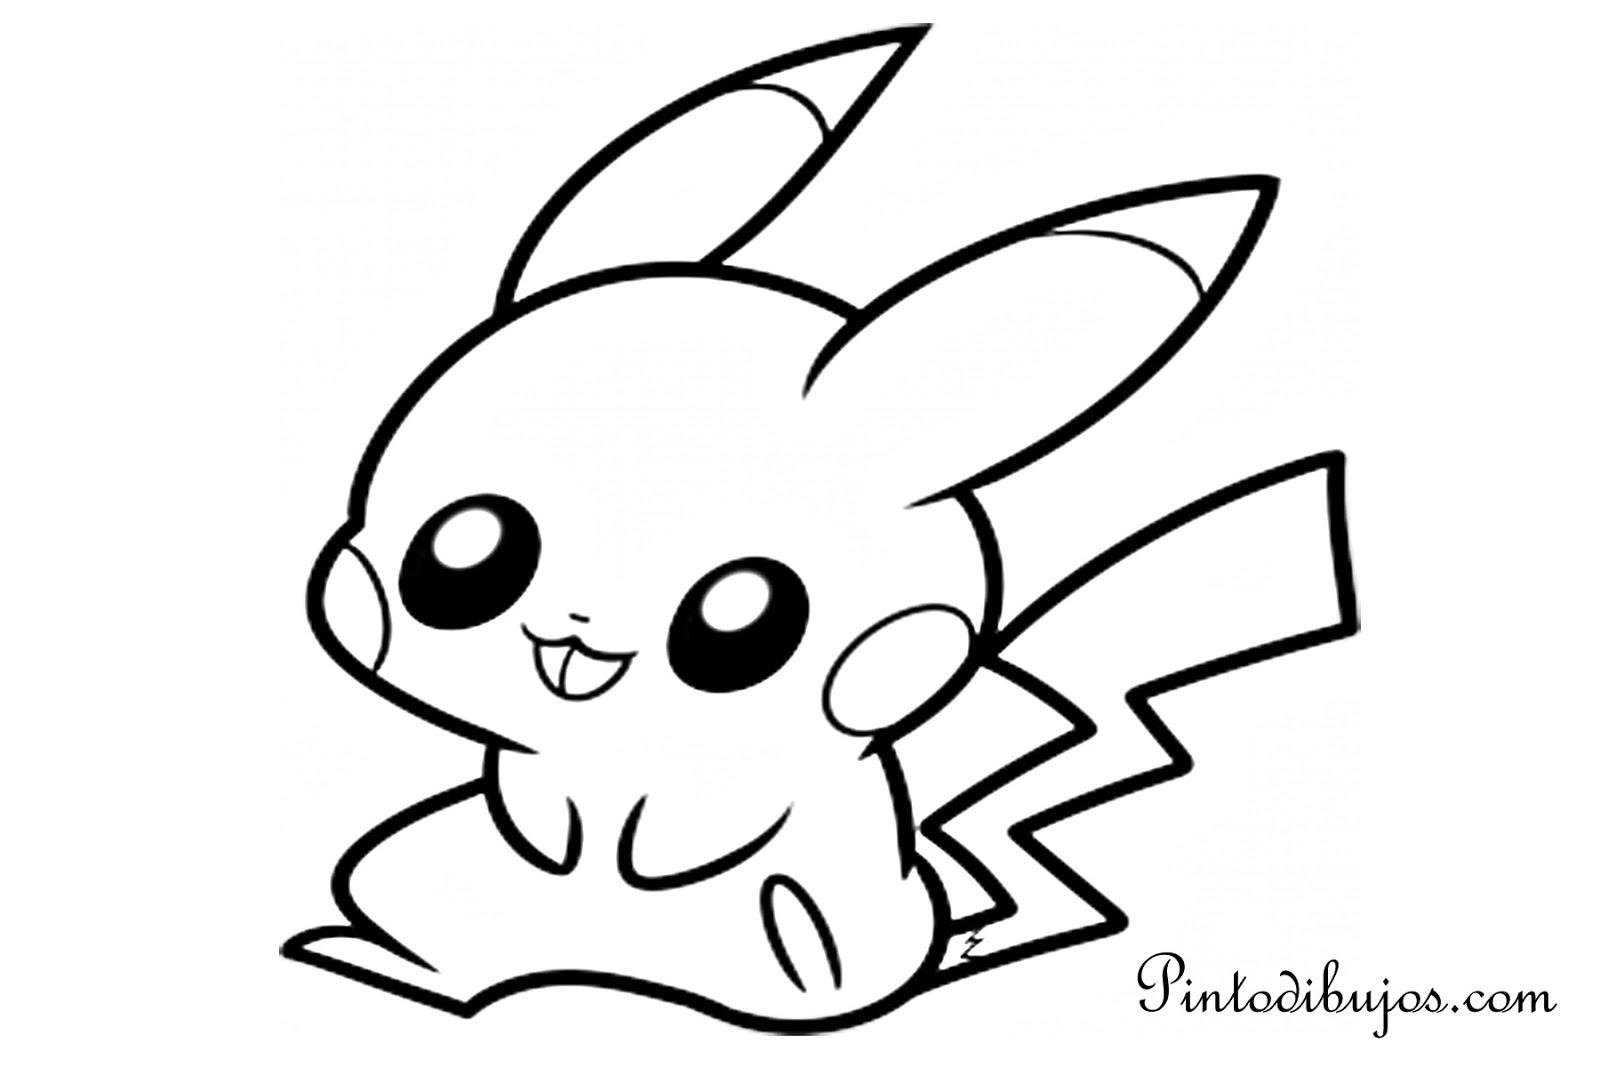 Game Para Colorear: Pinto Dibujos: Pikachu Para Colorear